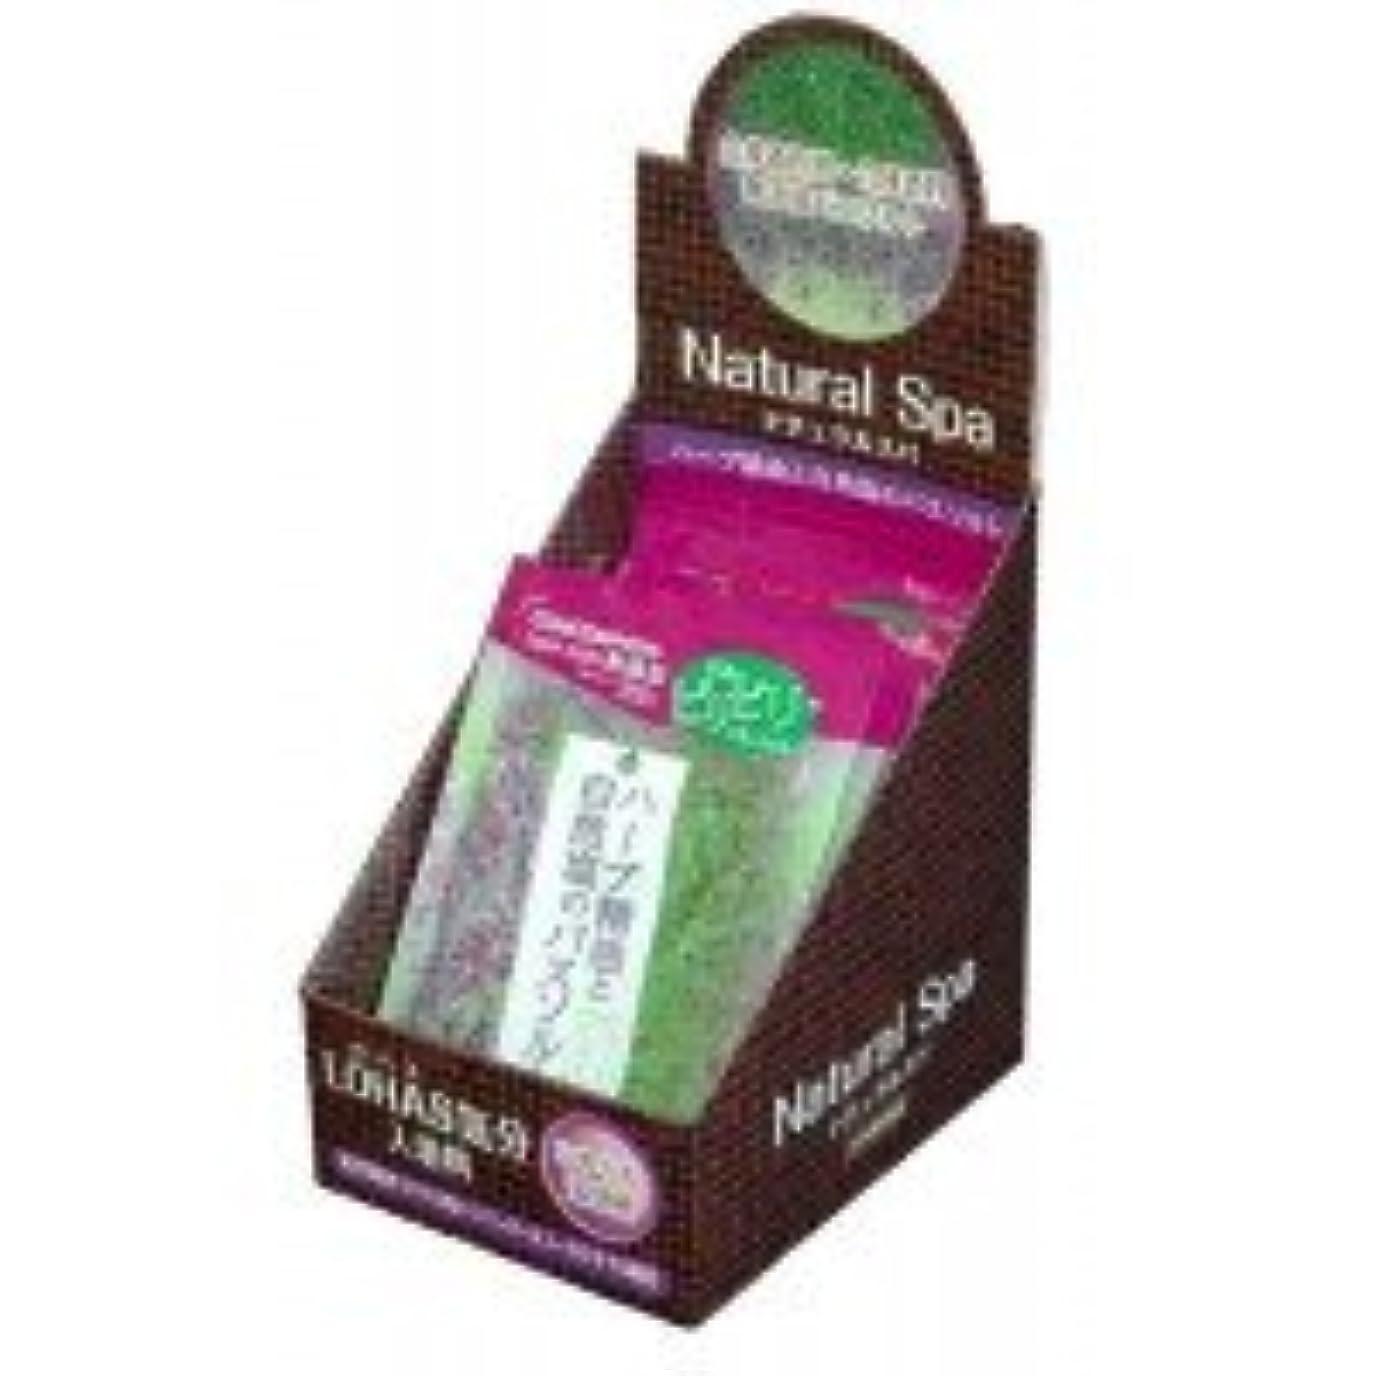 反動バス伝統的五洲薬品 入浴用化粧品 ナチュラルスパ ハーブ精油 分包 (35g×10包)×3箱 NSH-13 0302453